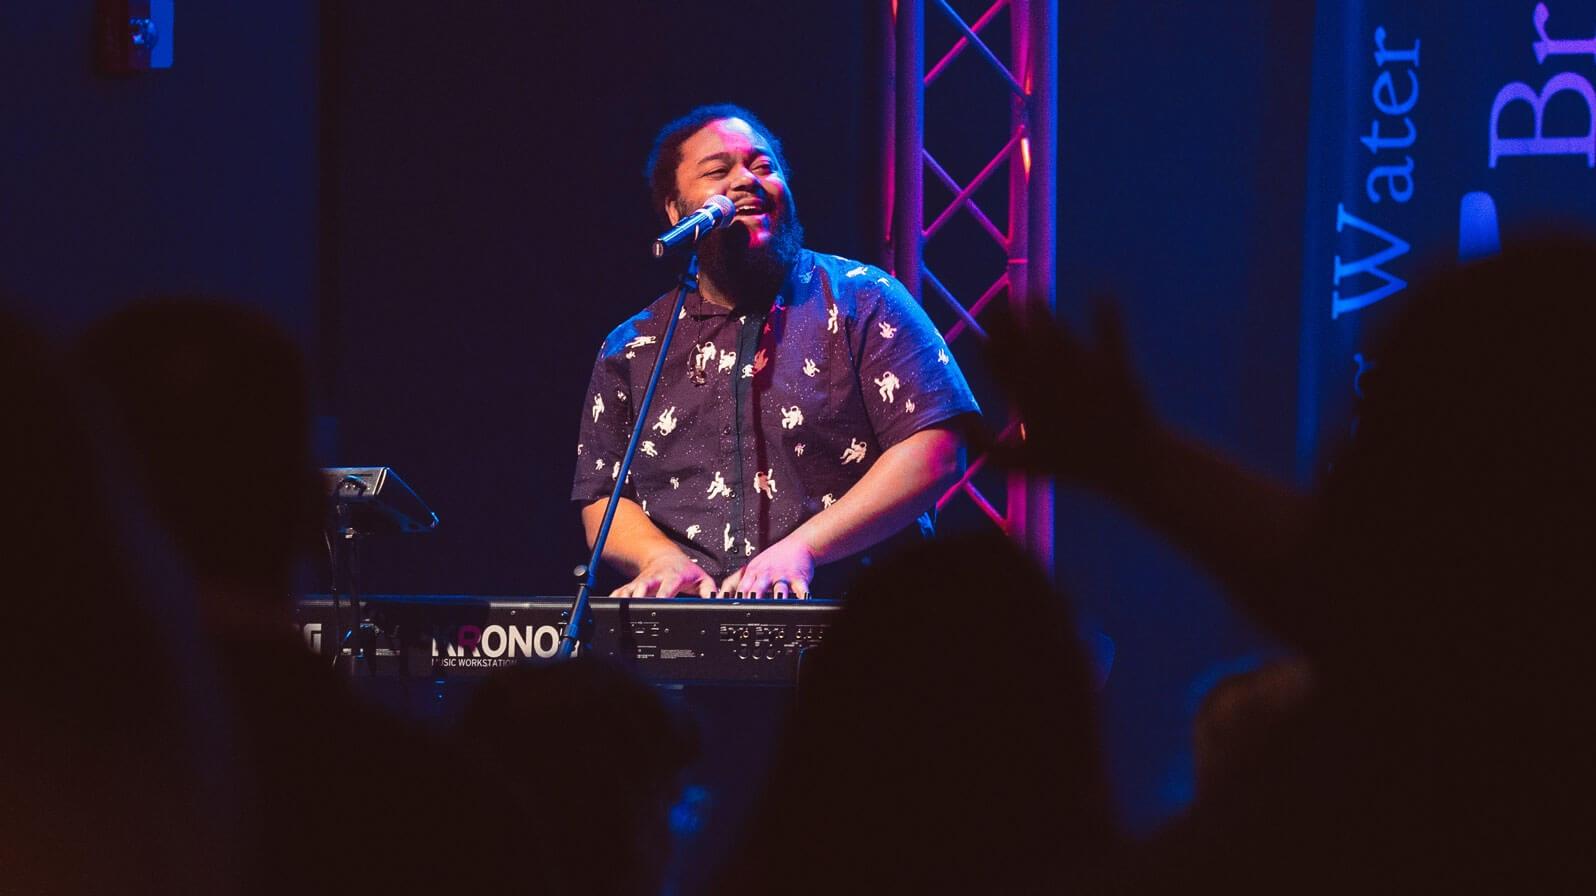 Moses playing keyboard and singing